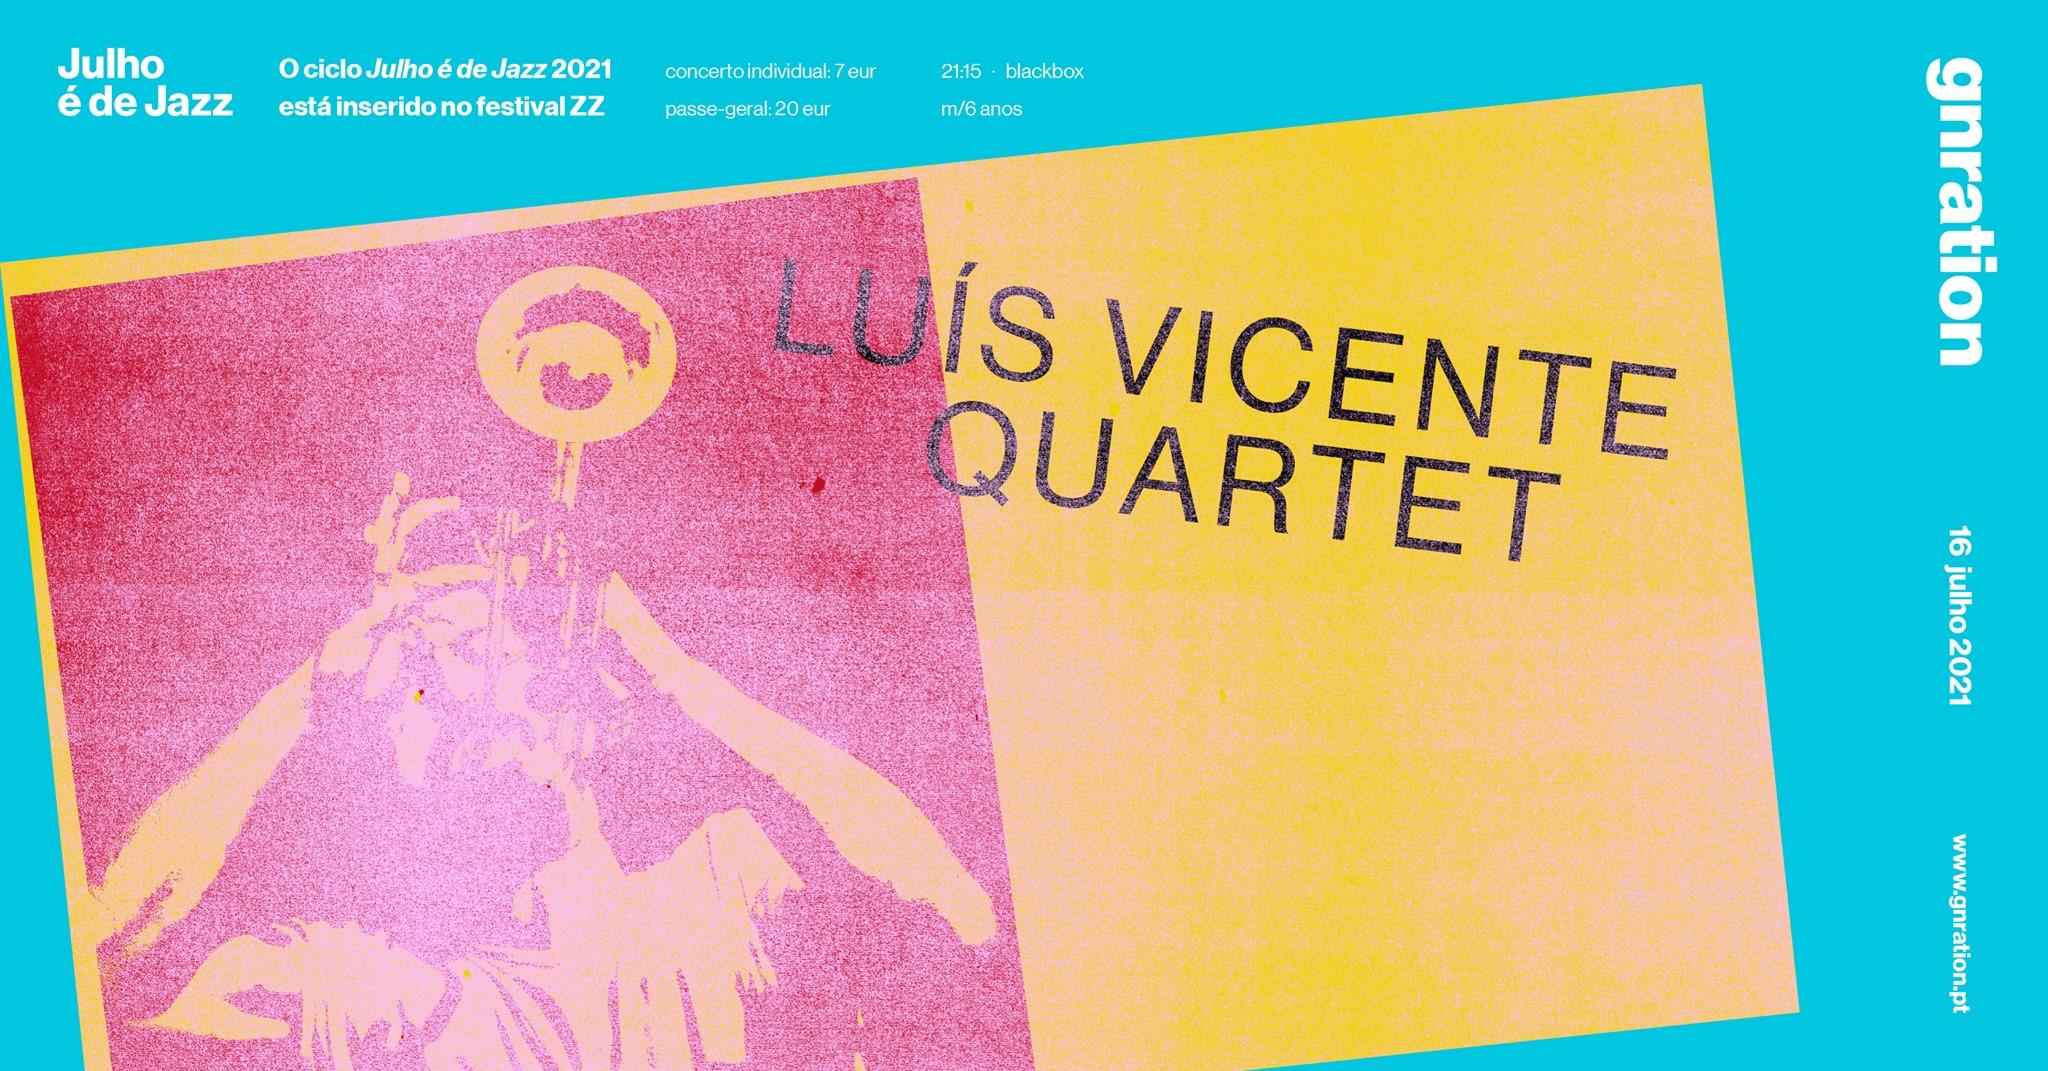 Julho é de Jazz: Luís Vicente Quartet | gnration